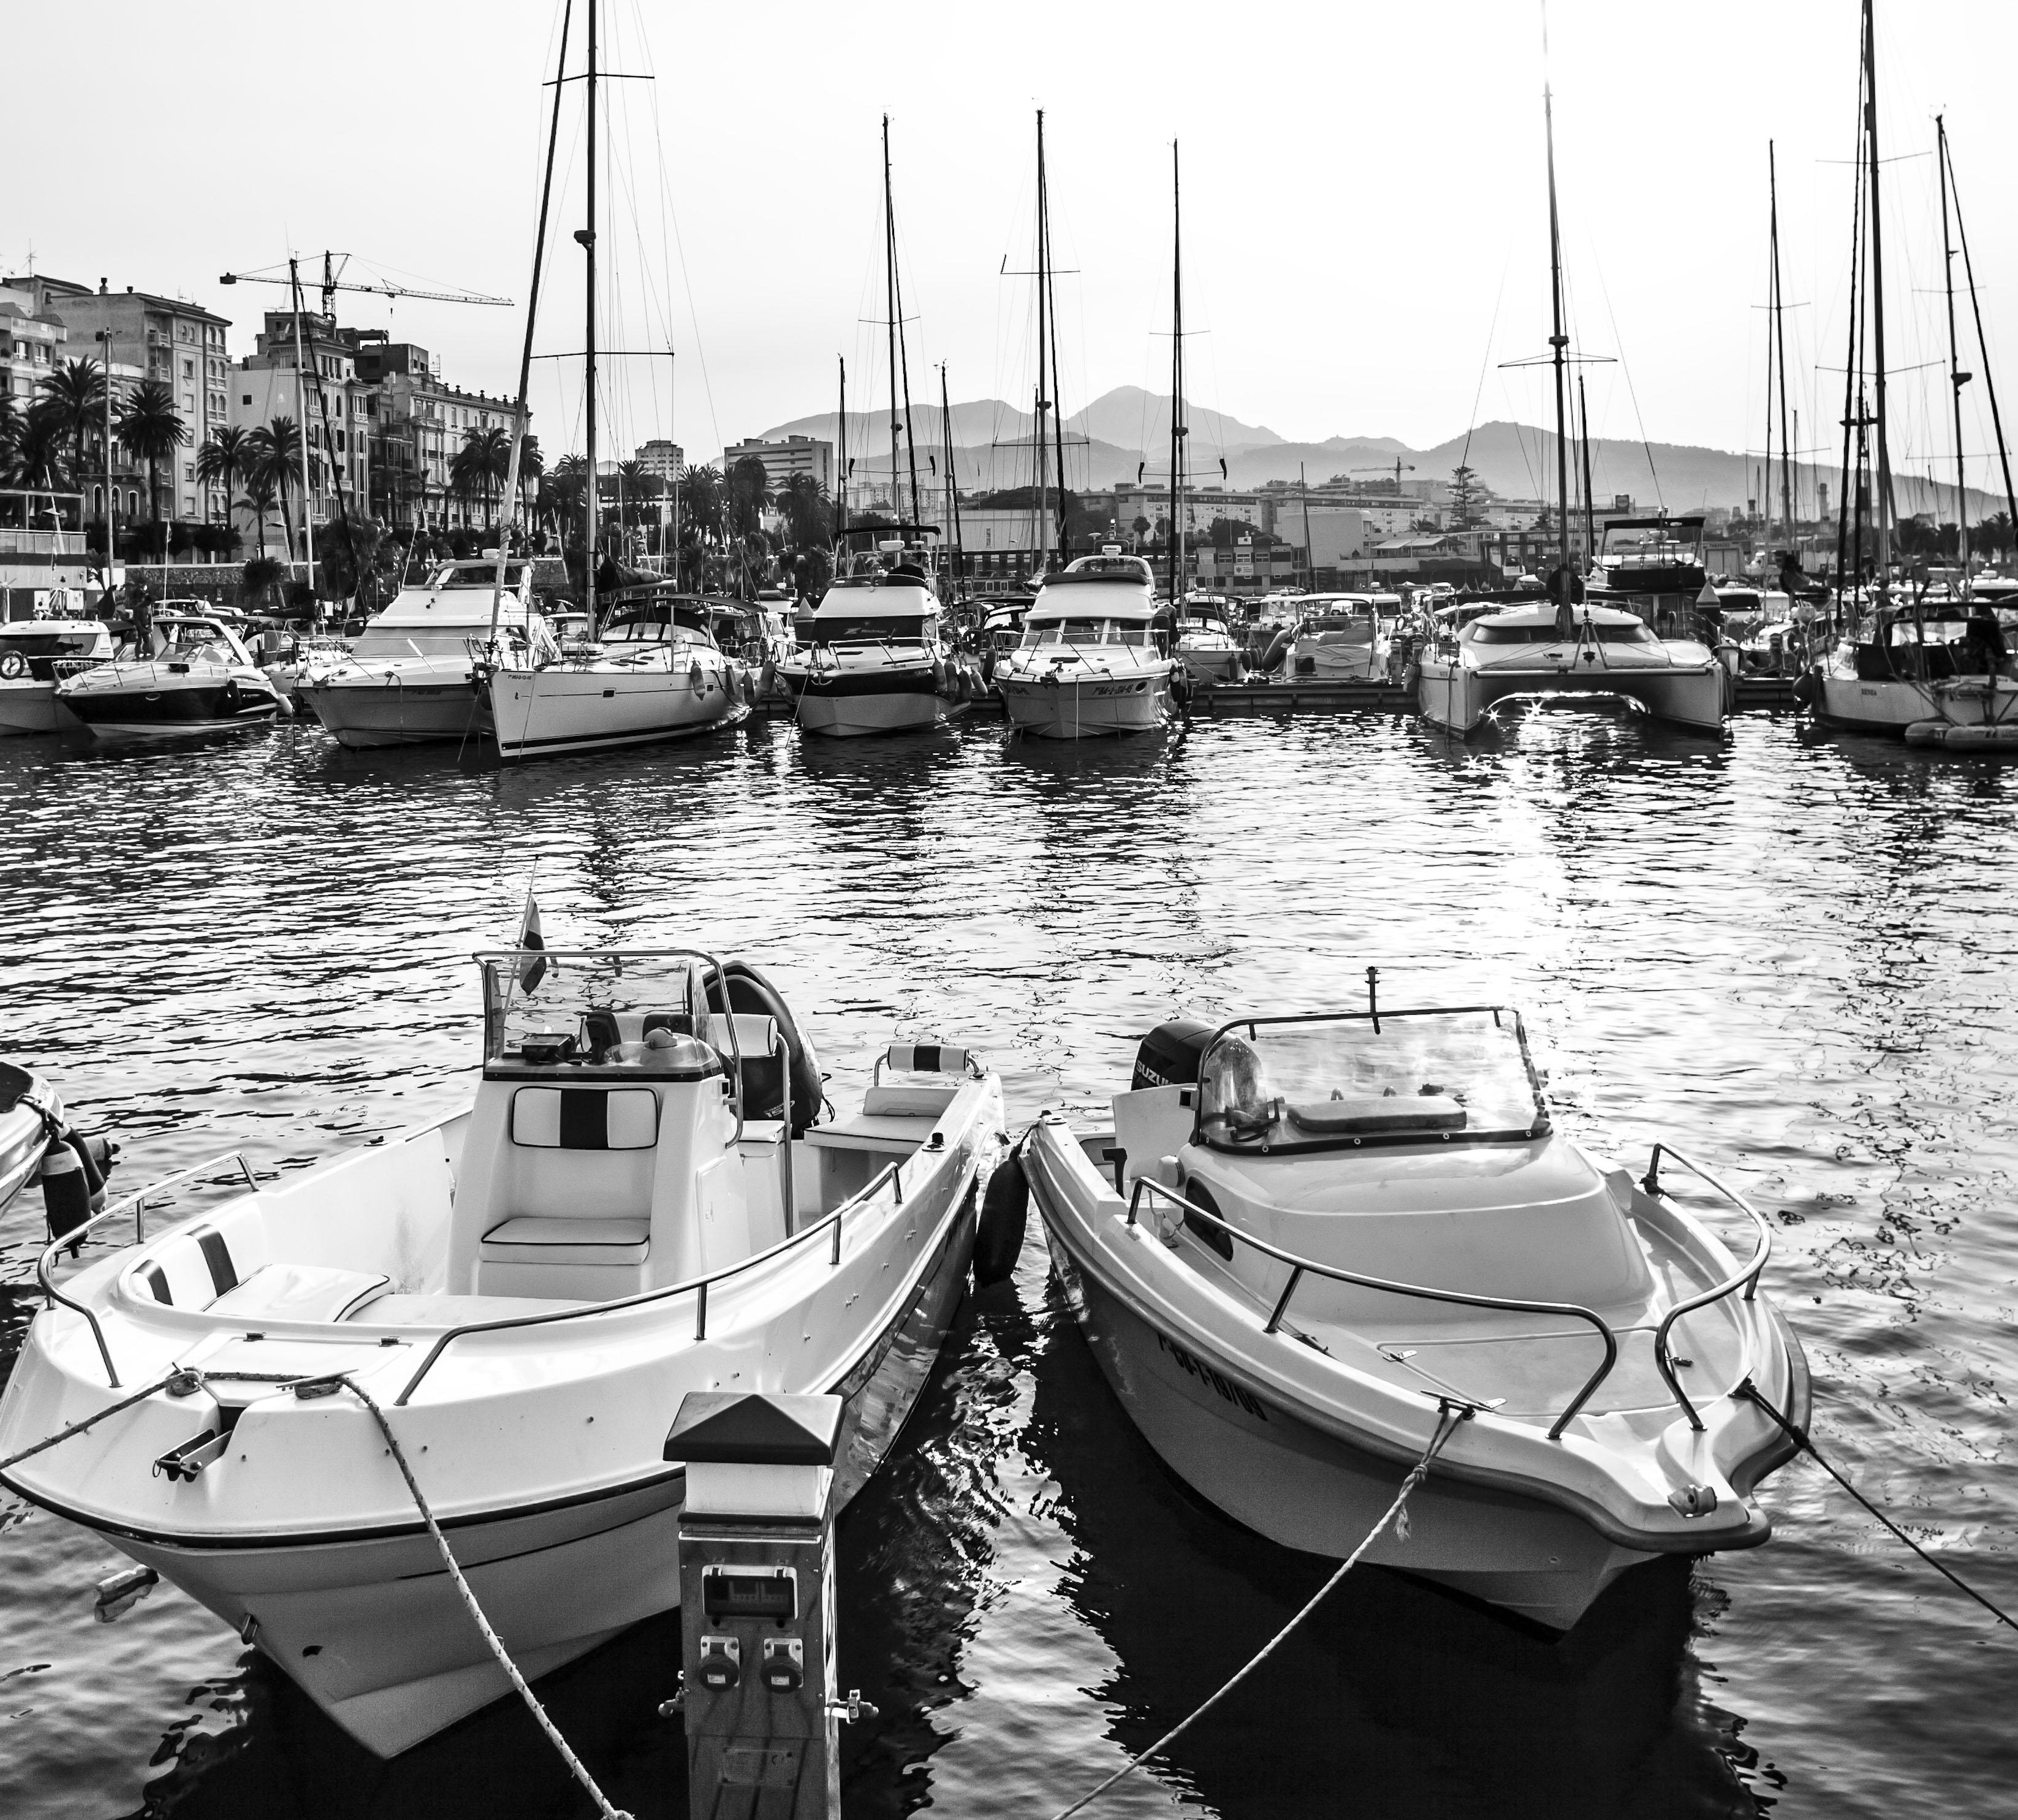 'Caso APPA 1: ¿Quién gobierna en los puertos? La historia entre dos decretos', nuevo post en 'A son de mar'